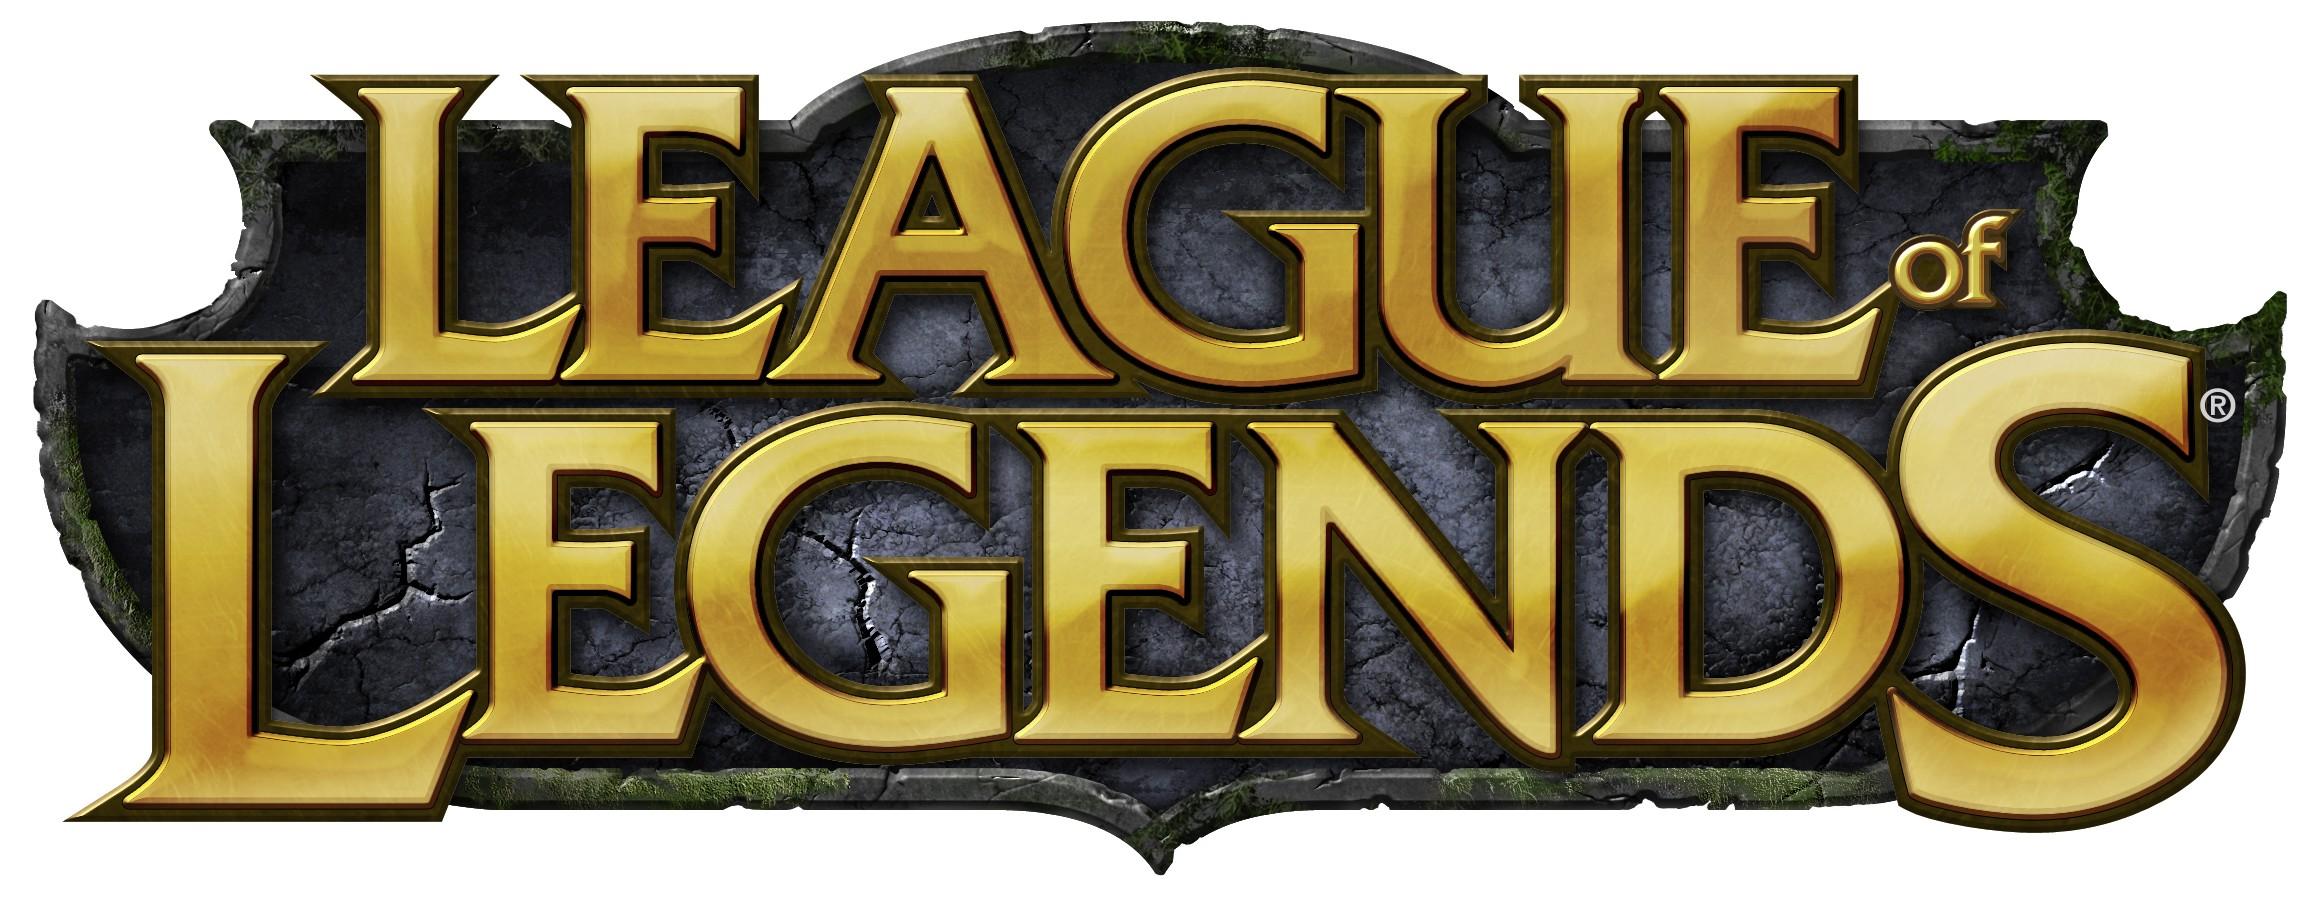 league of legends clipart .